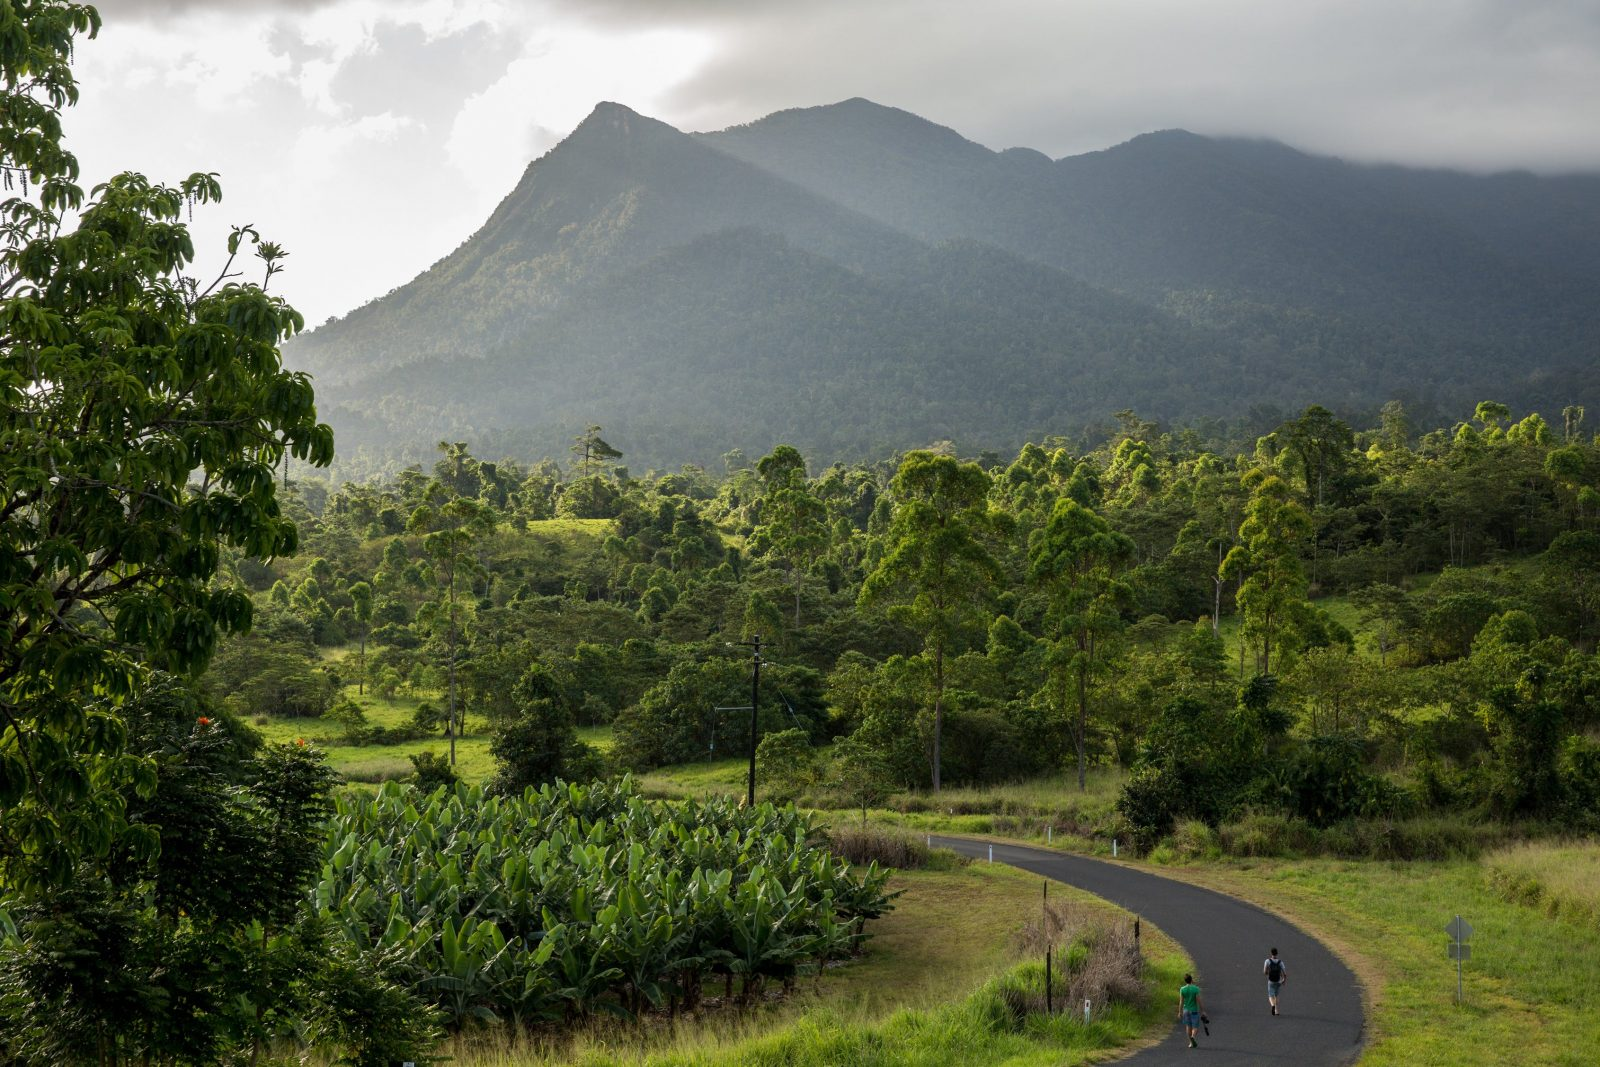 Banana Plantation at Mt. Bartle Frere